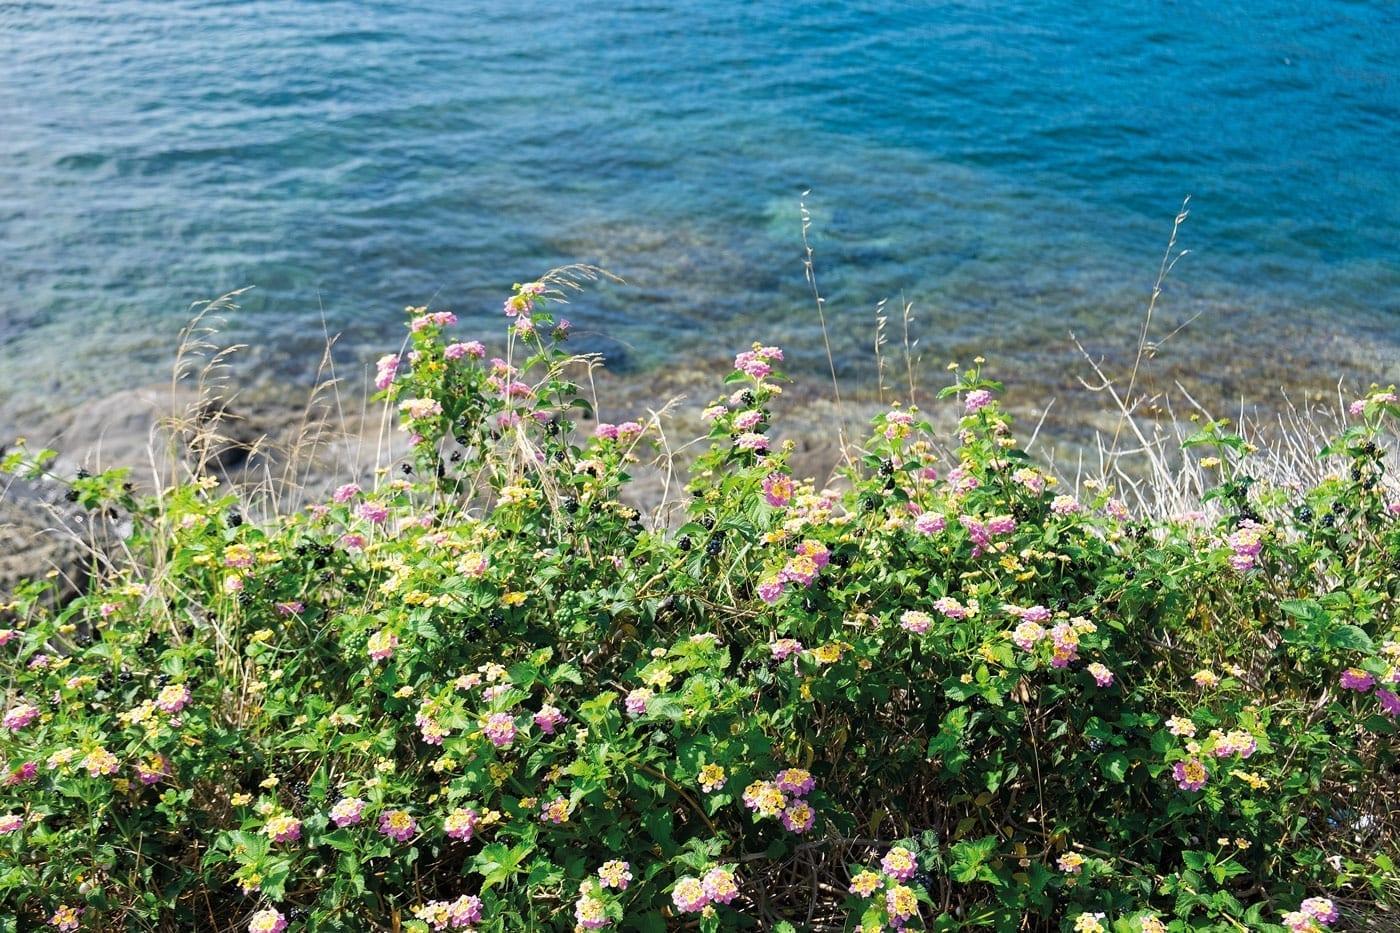 Camí de Ronda, Wandern in Cadaqués, Costa Brava, Mittelmeer